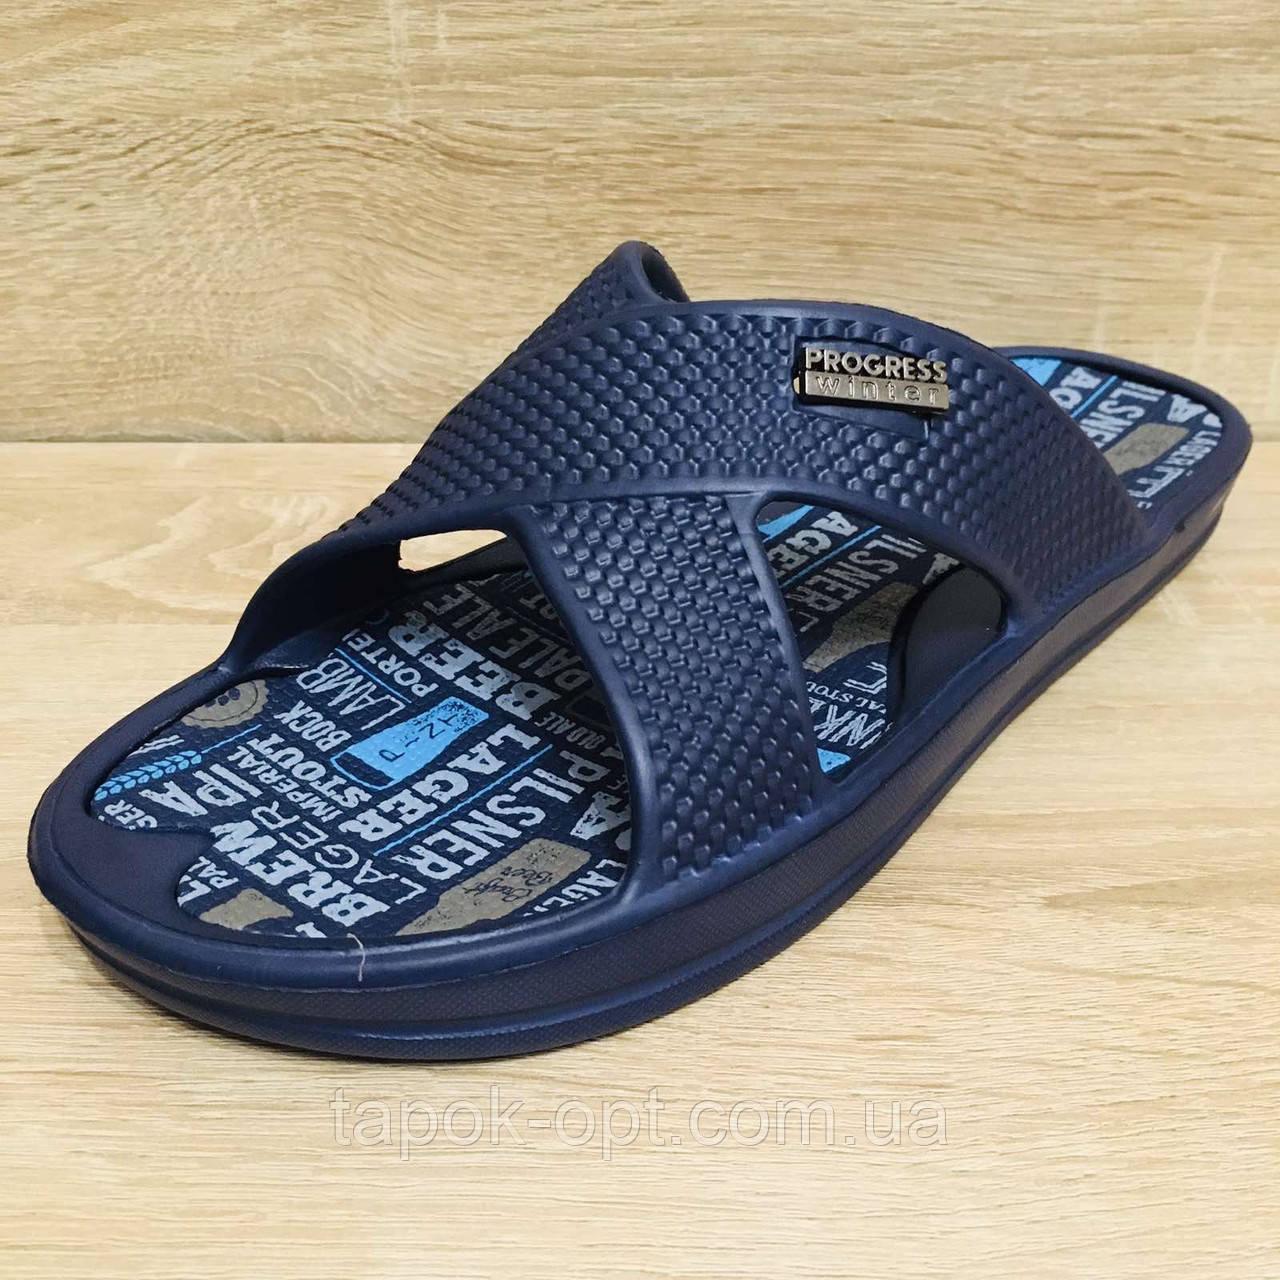 Пляжне взуття чоловіча Прогрес